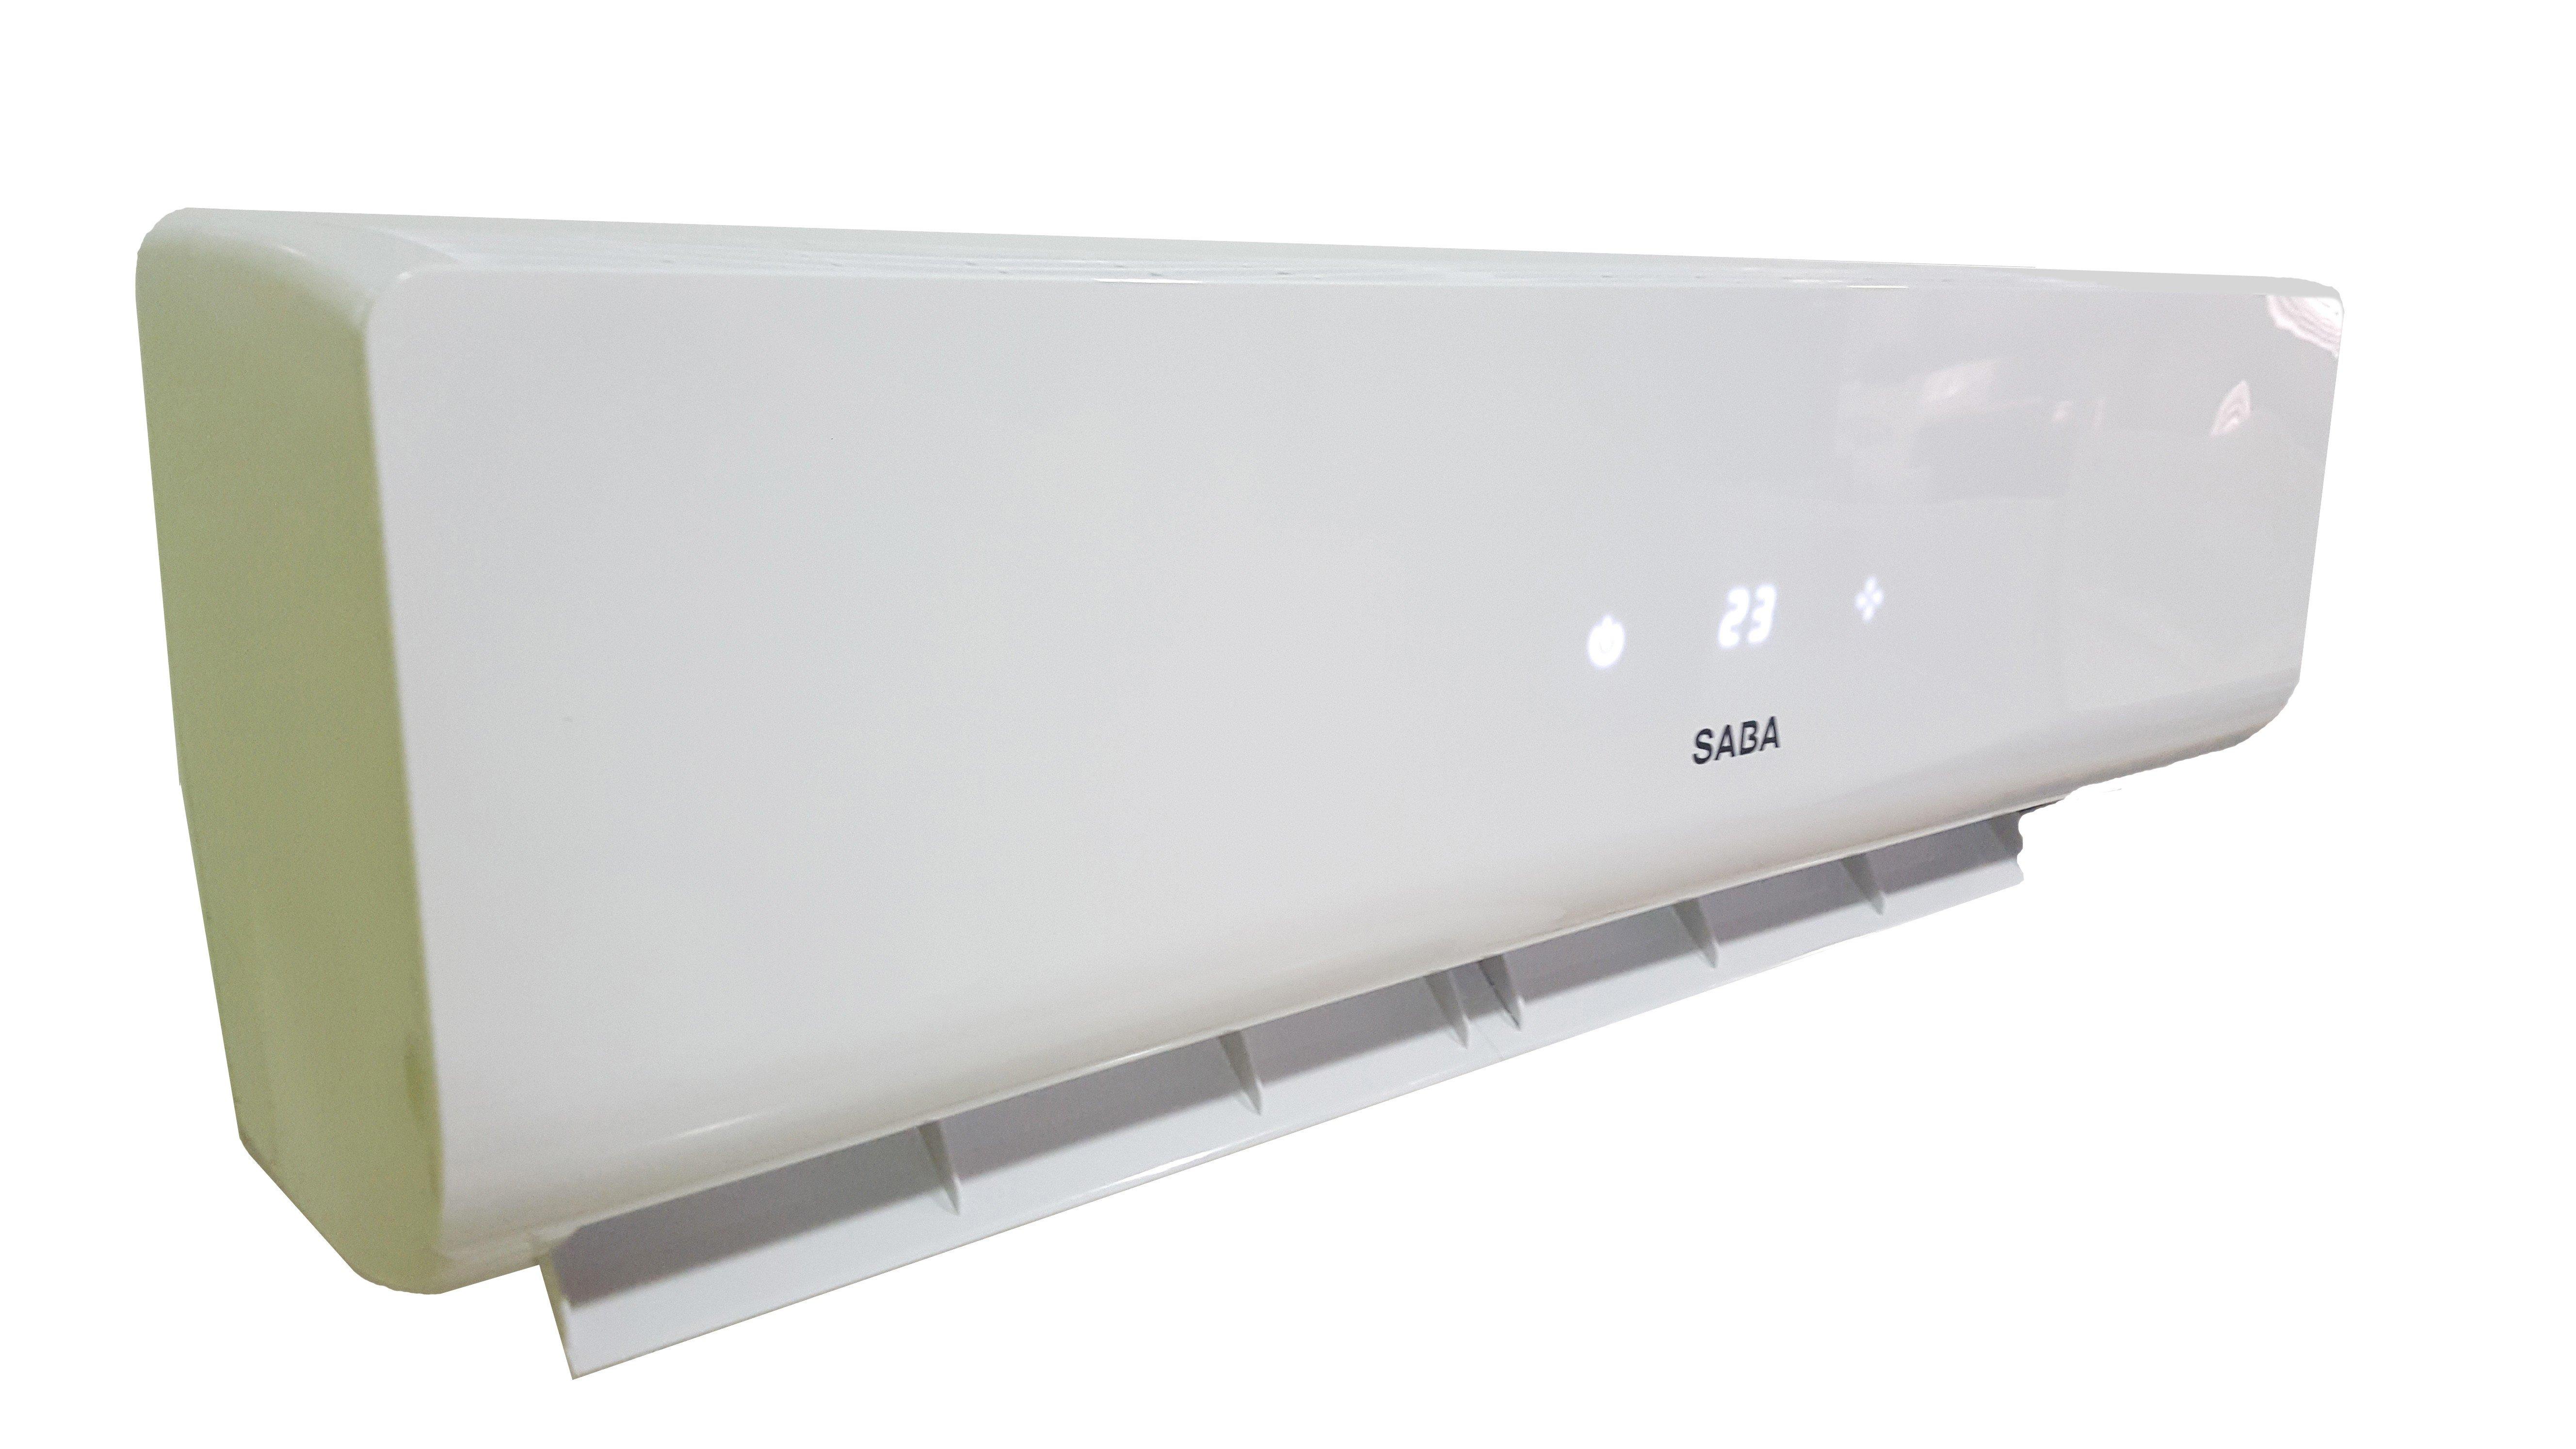 Radiateur Electrique Wikipedia se rapportant à climatiseur saba 9000 btu chaud&froid chez wiki tunisie